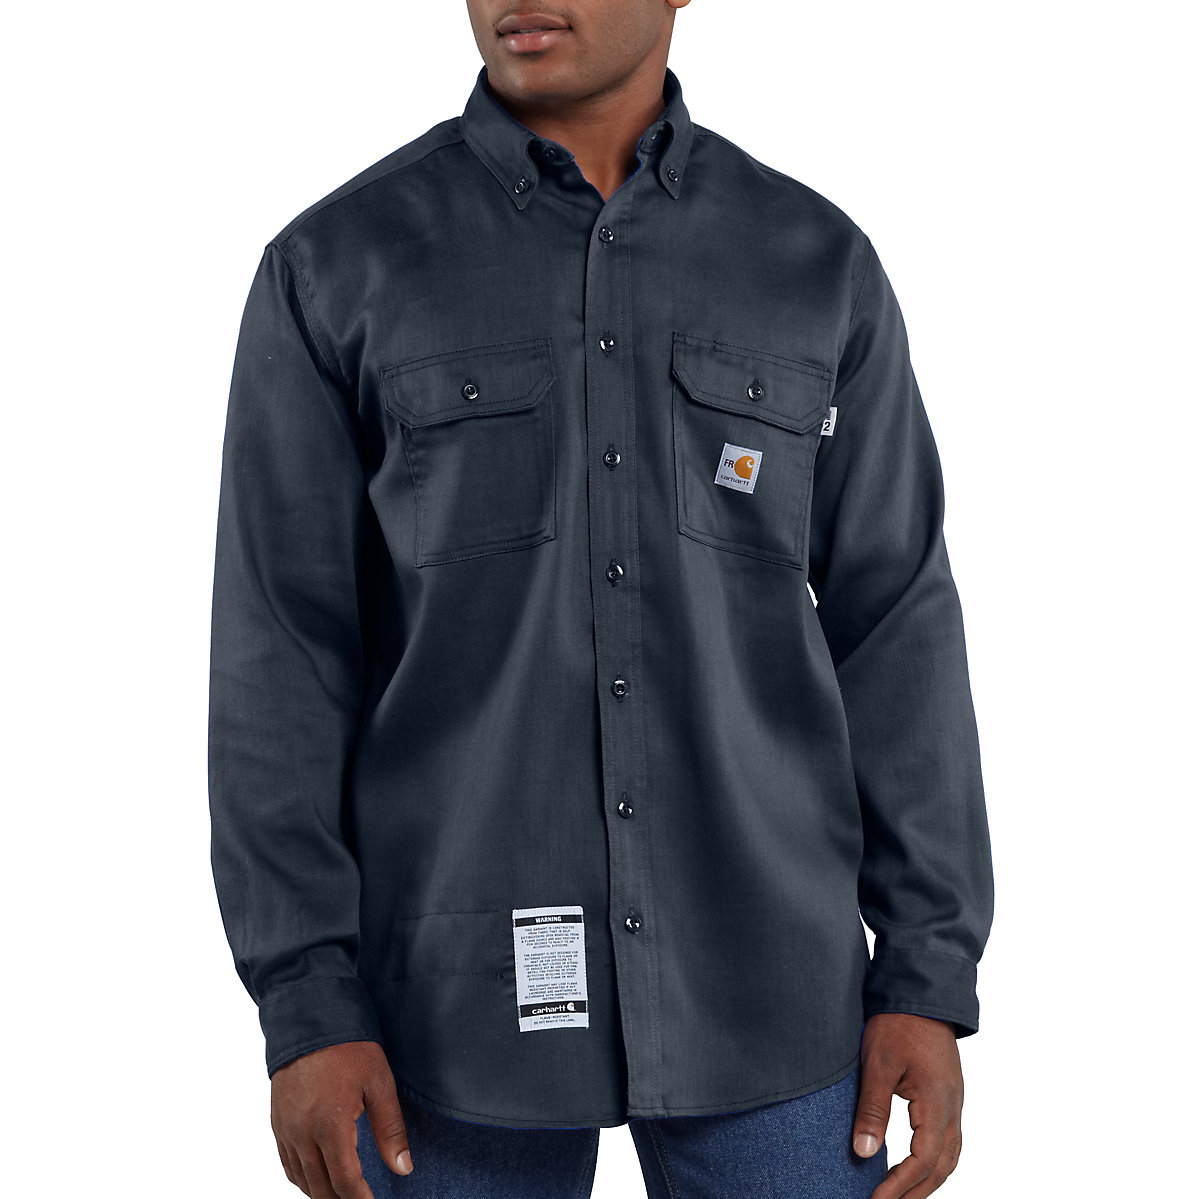 Carhartt Light Work Jacket: Men's Flame-Resistant Lightweight Twill Shirt FRS003